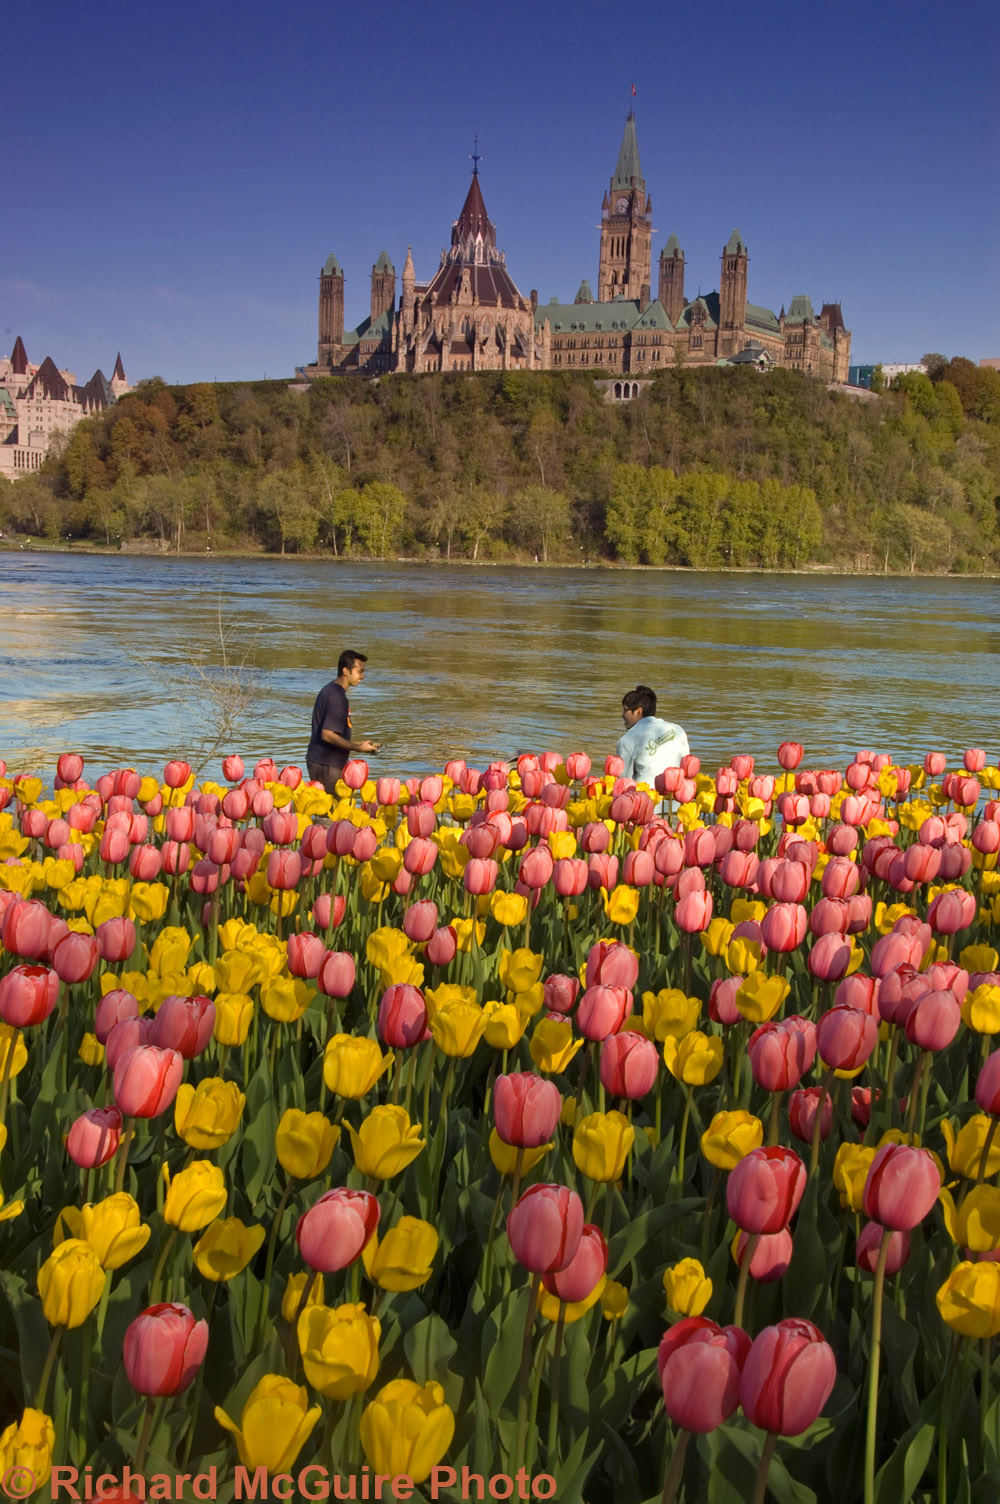 Ottawa Richard Mcguire Photo: Ottawa : Richard McGuire Photo